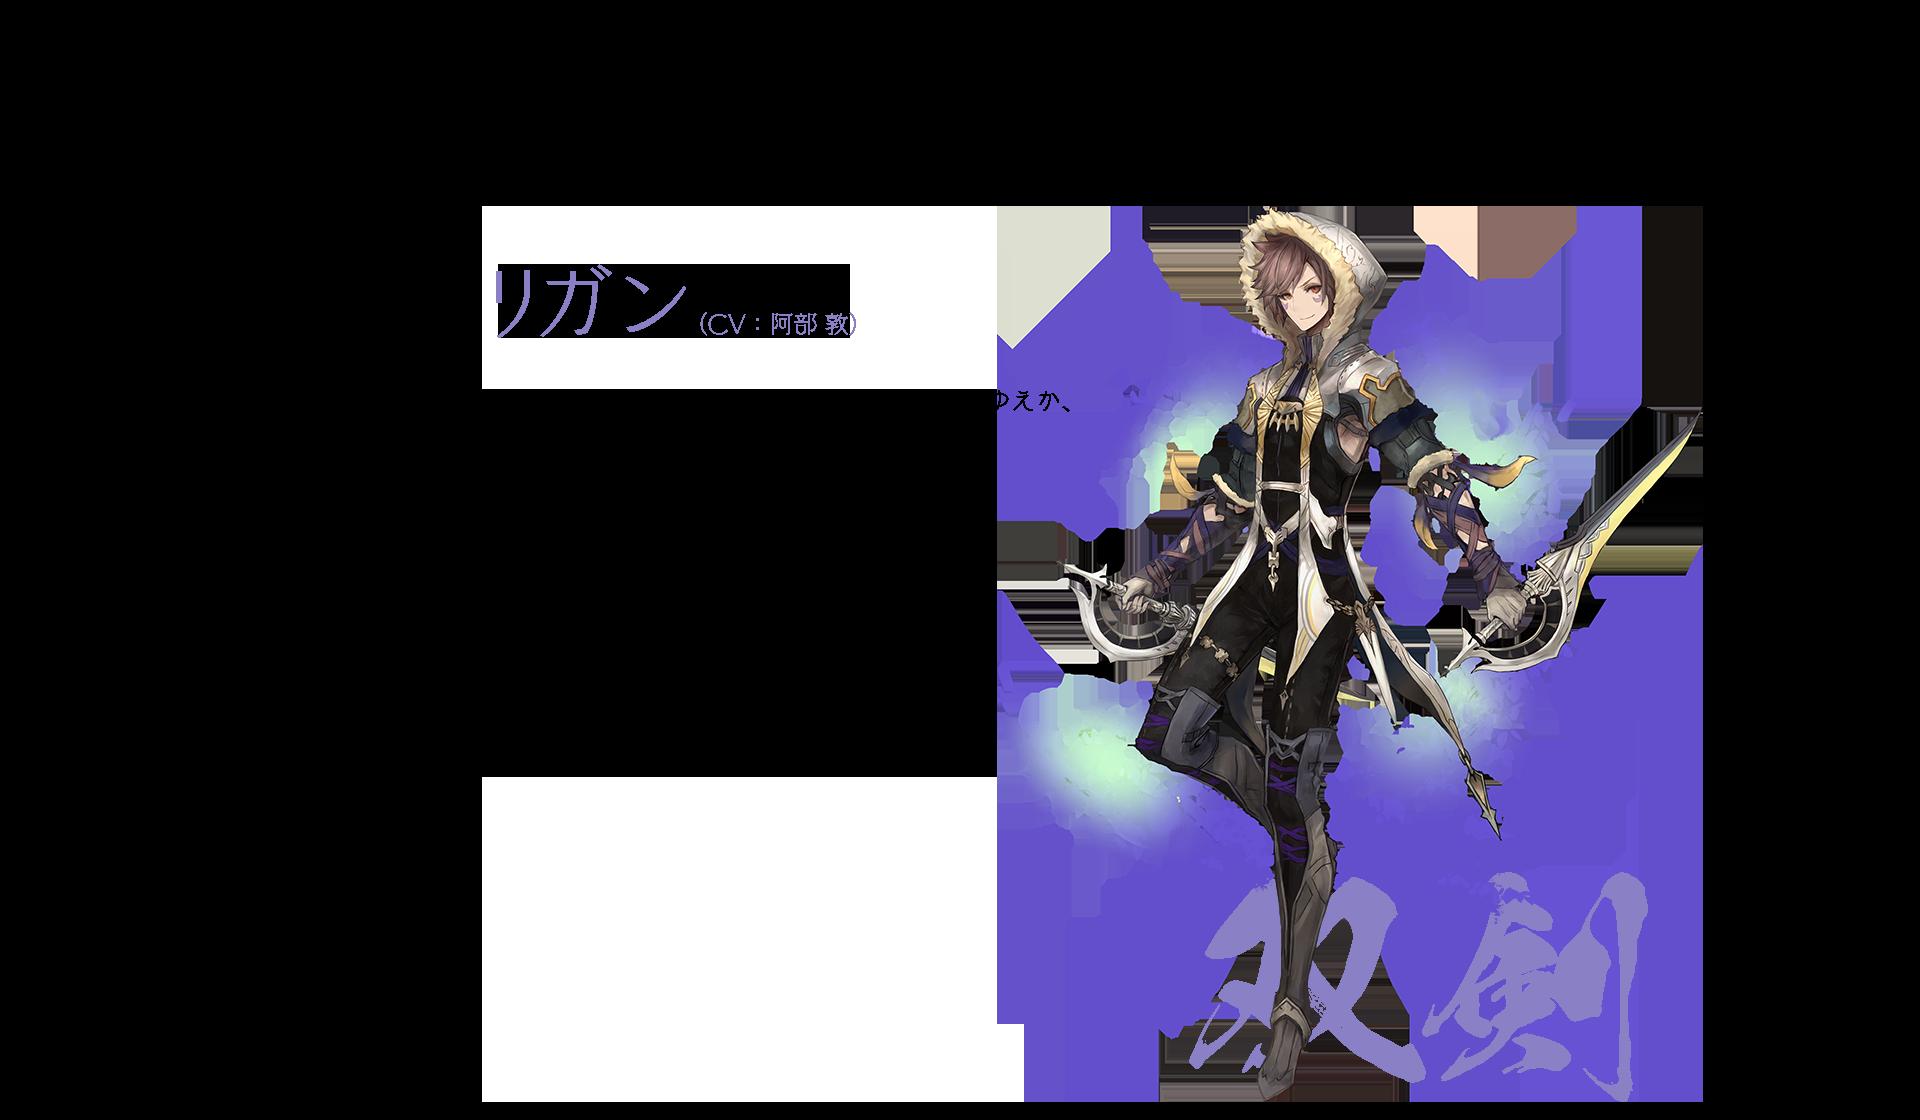 鬼ノ哭ク邦 Square Enix